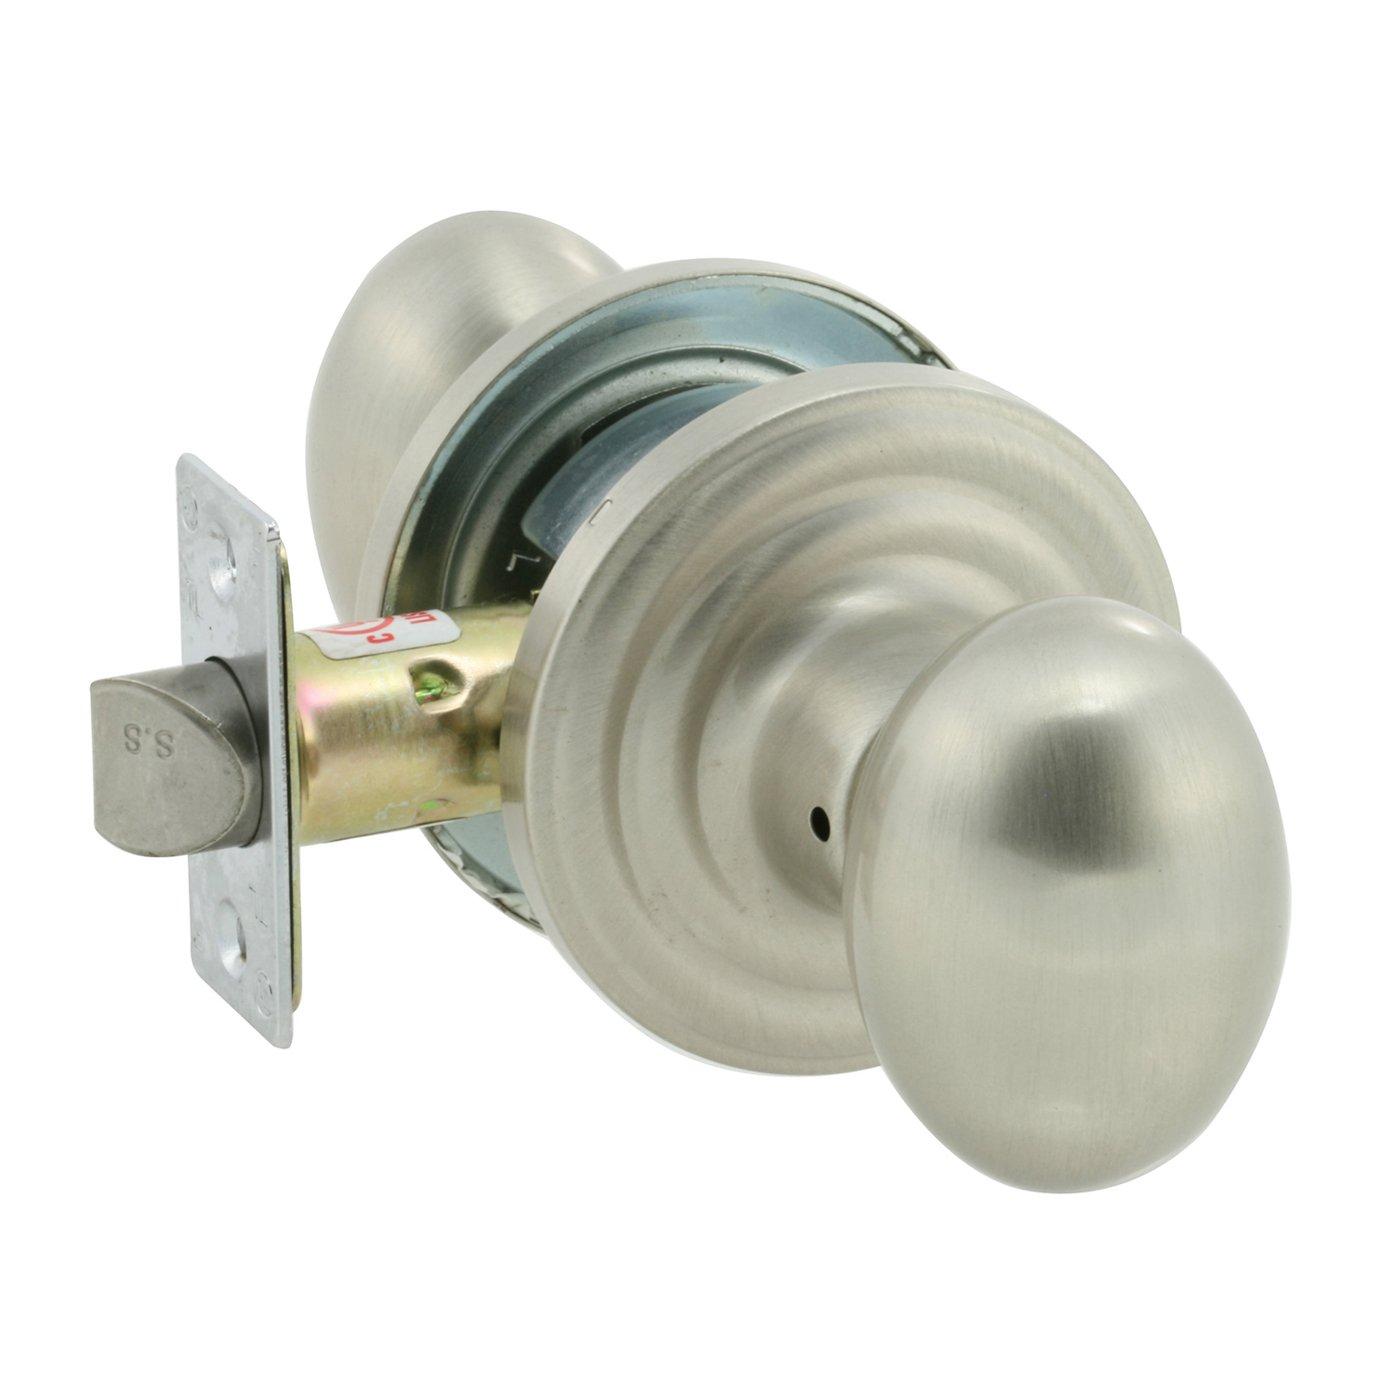 delaney door knobs photo - 2